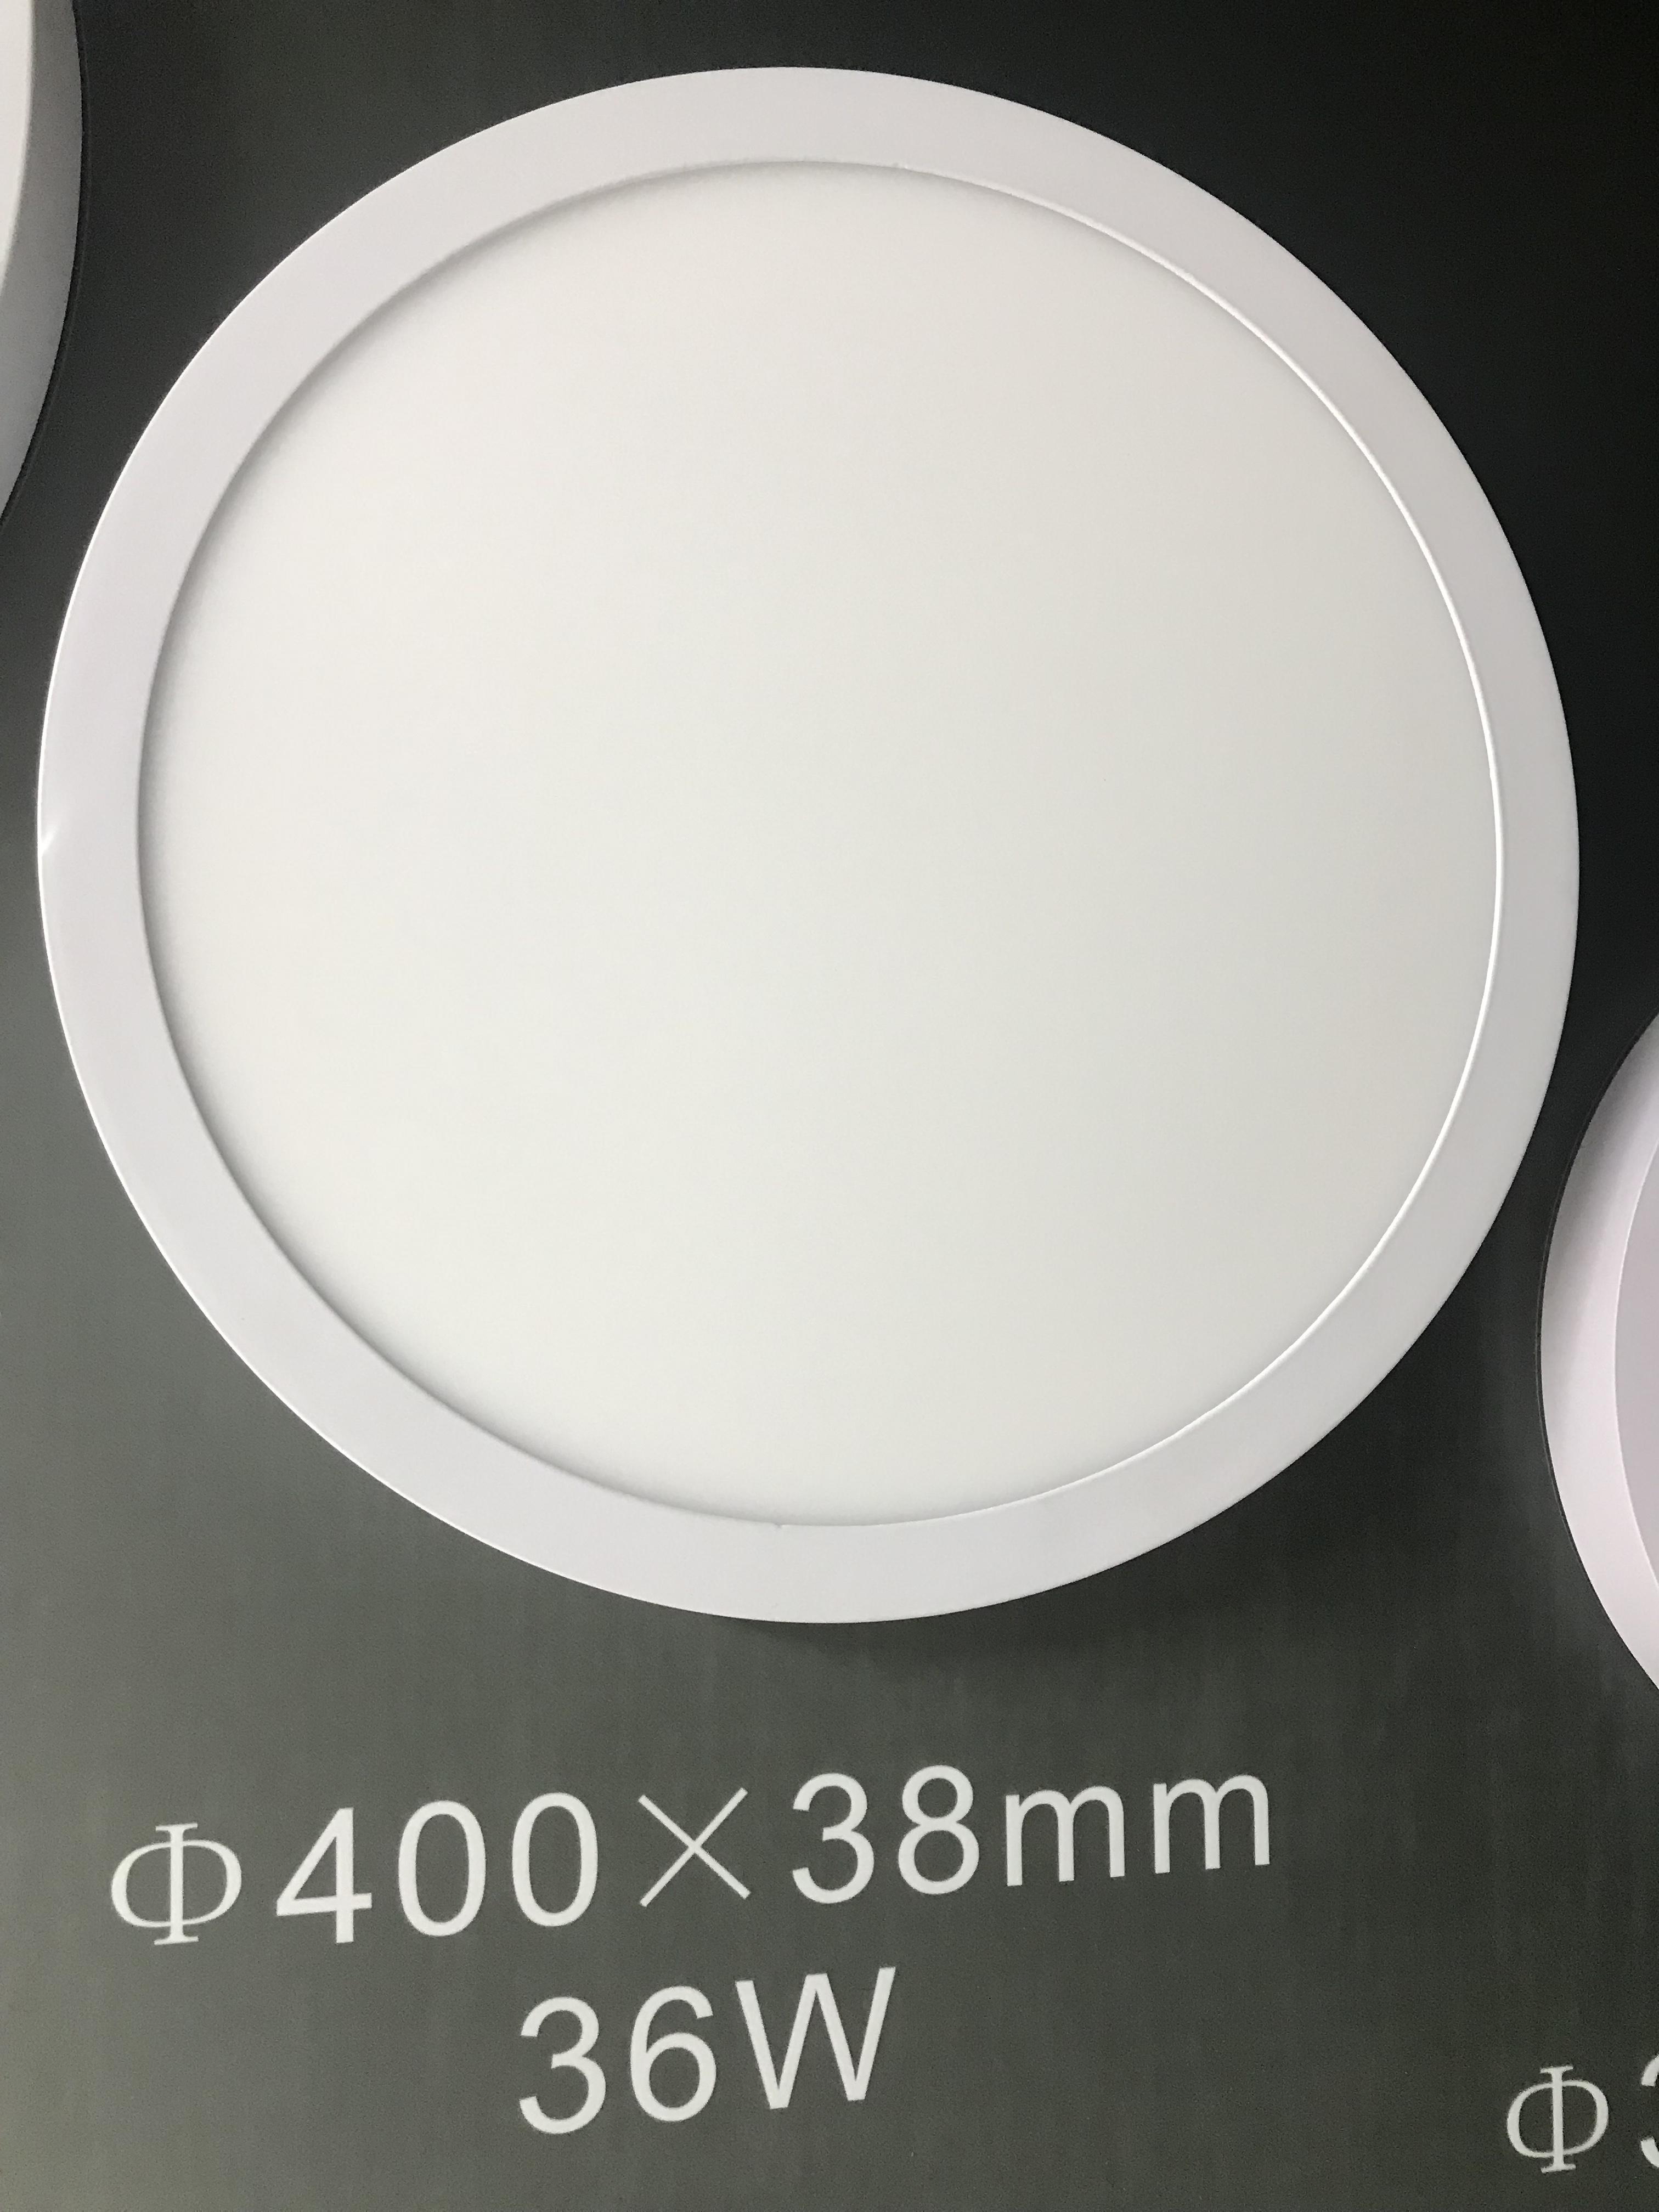 凯力特klt4004-36w平板灯